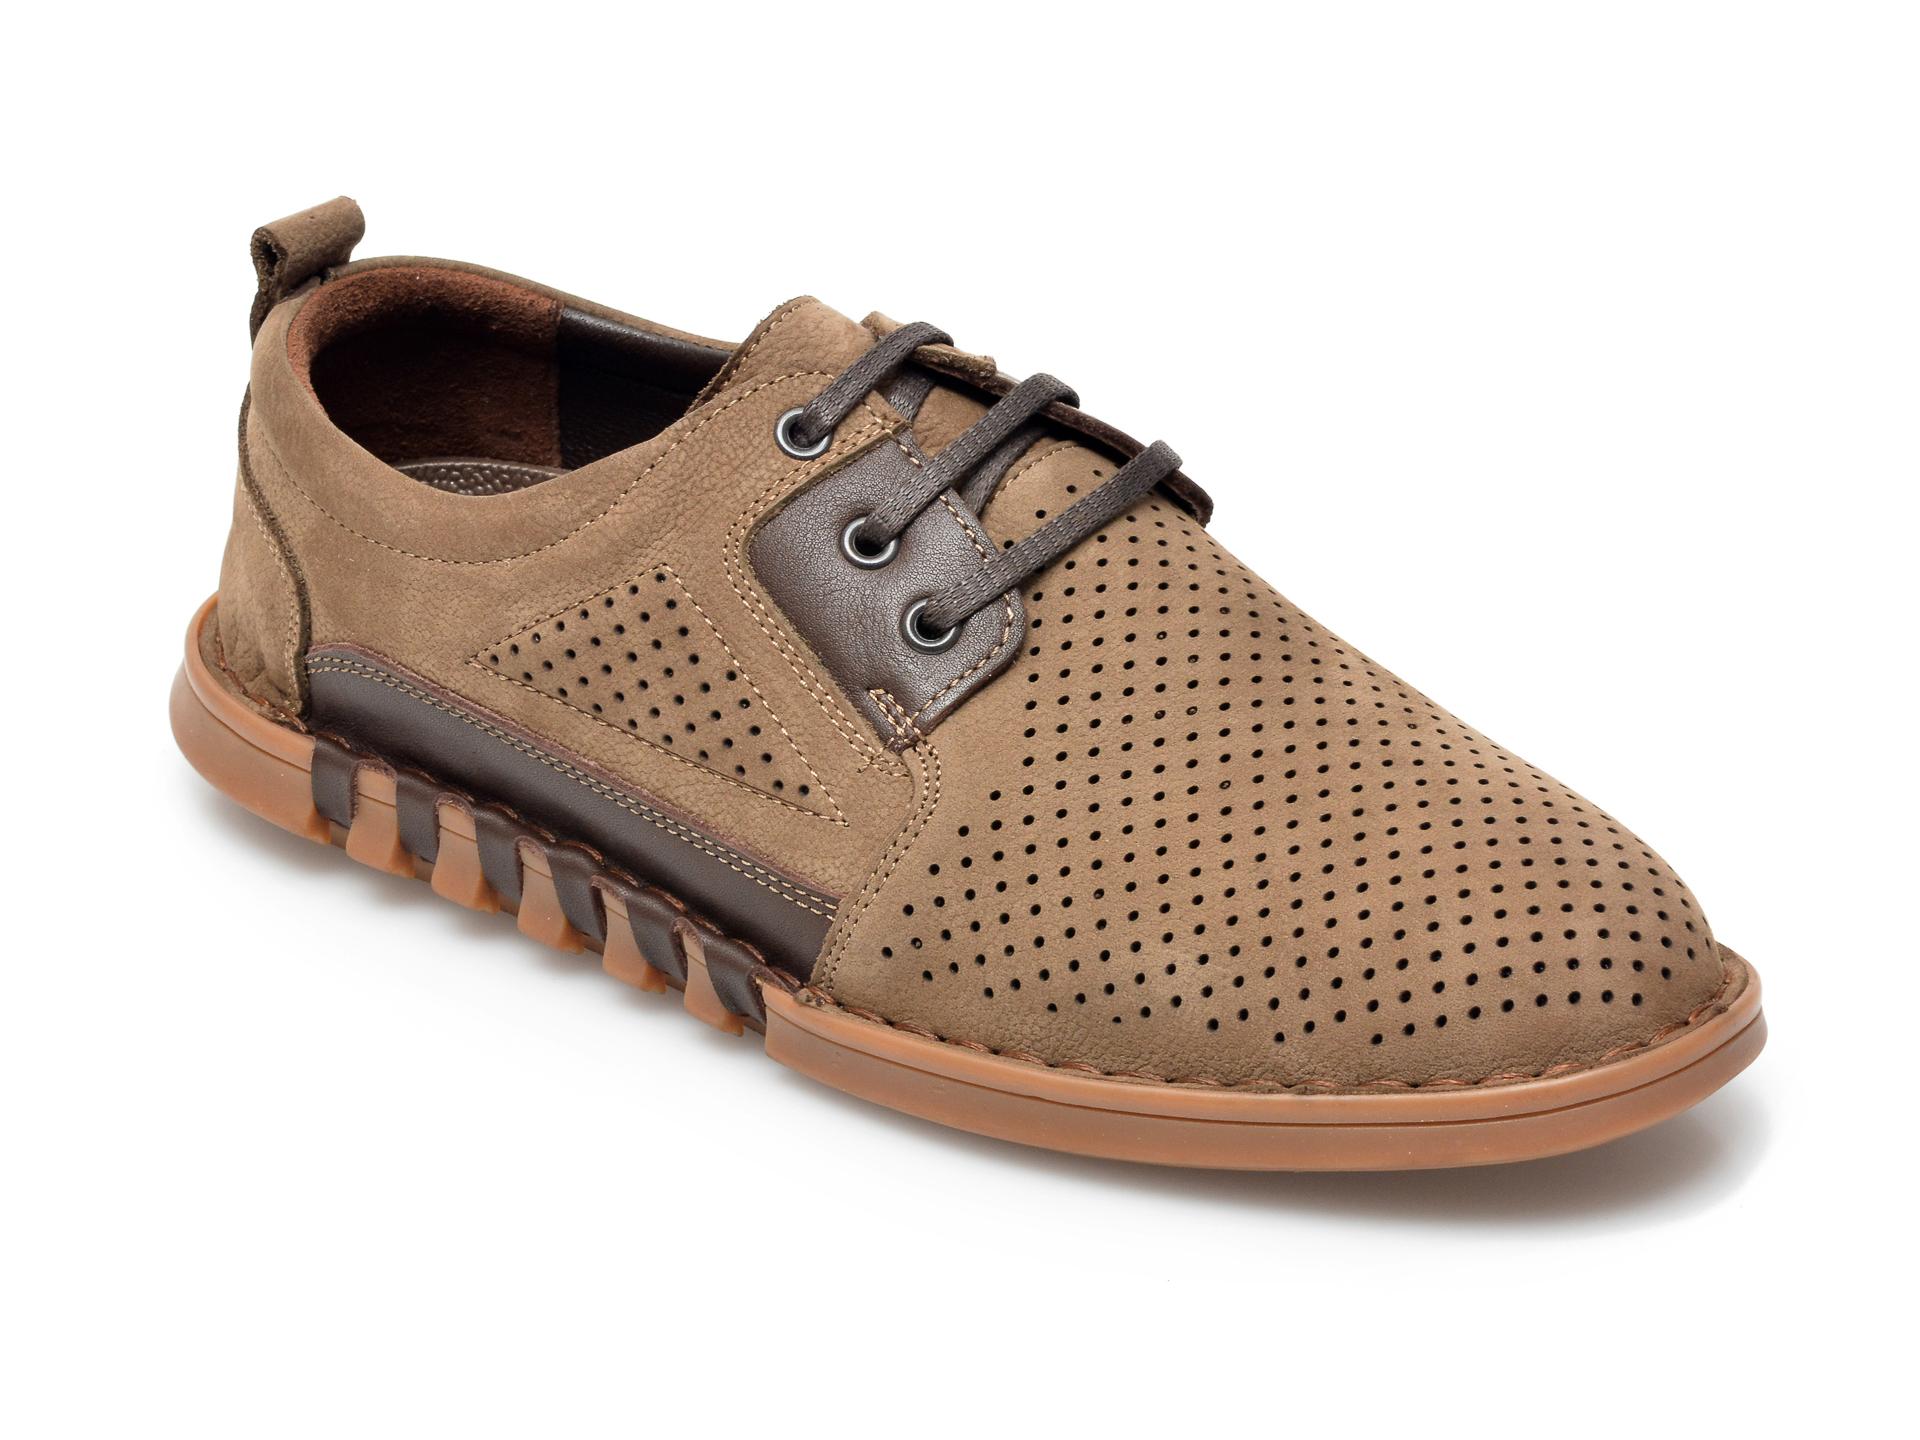 Pantofi OTTER maro, 301707, din nabuc imagine otter.ro 2021